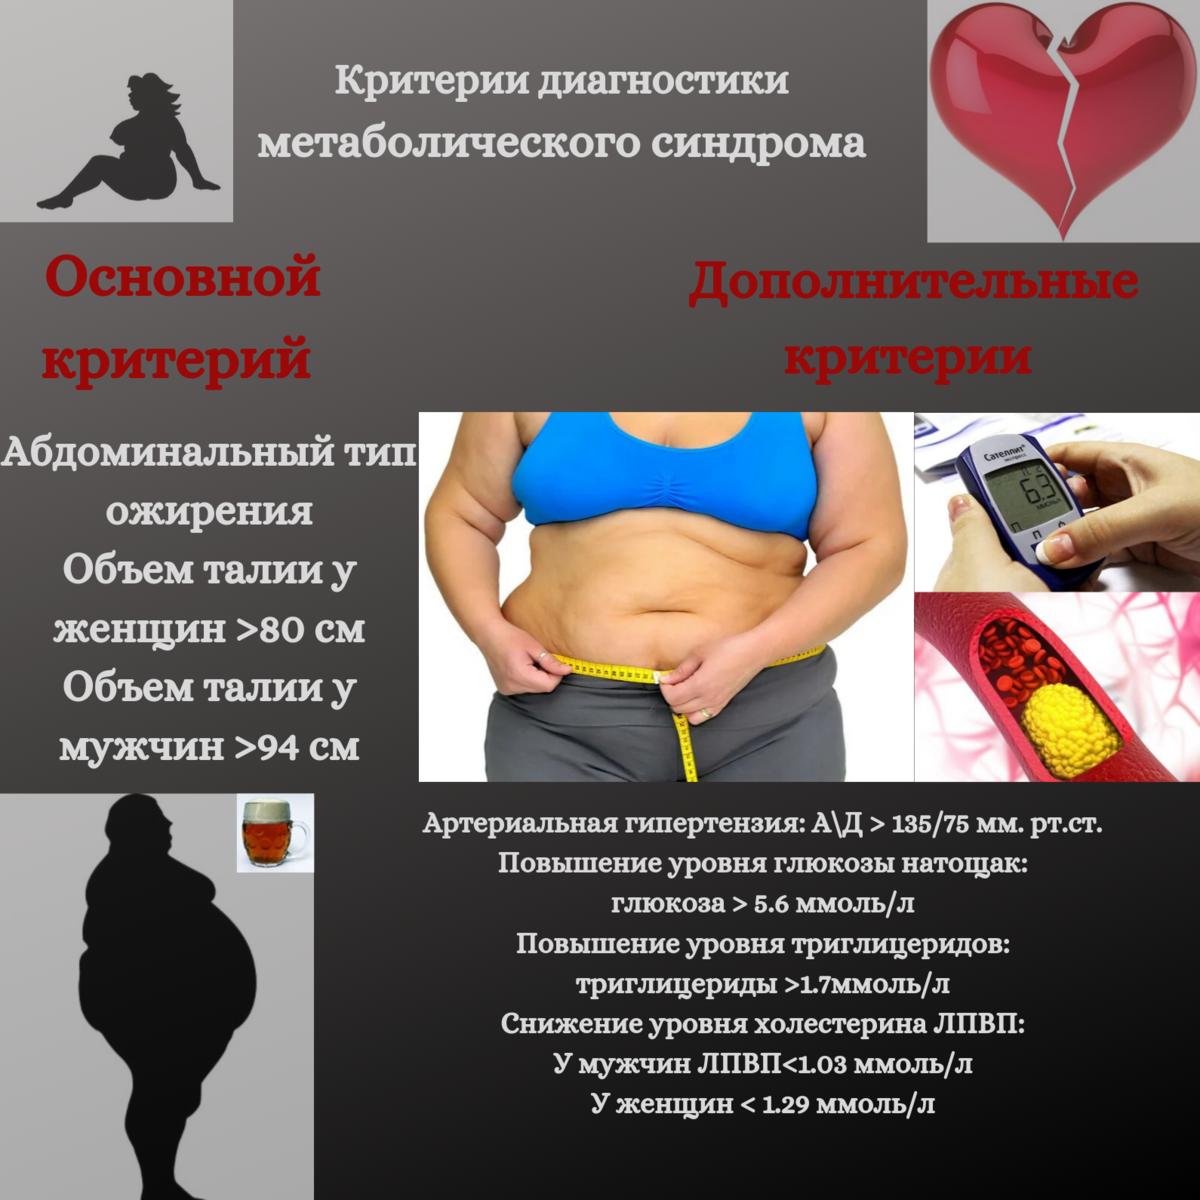 Метаболический синдром. причины. профилактика. восстановление